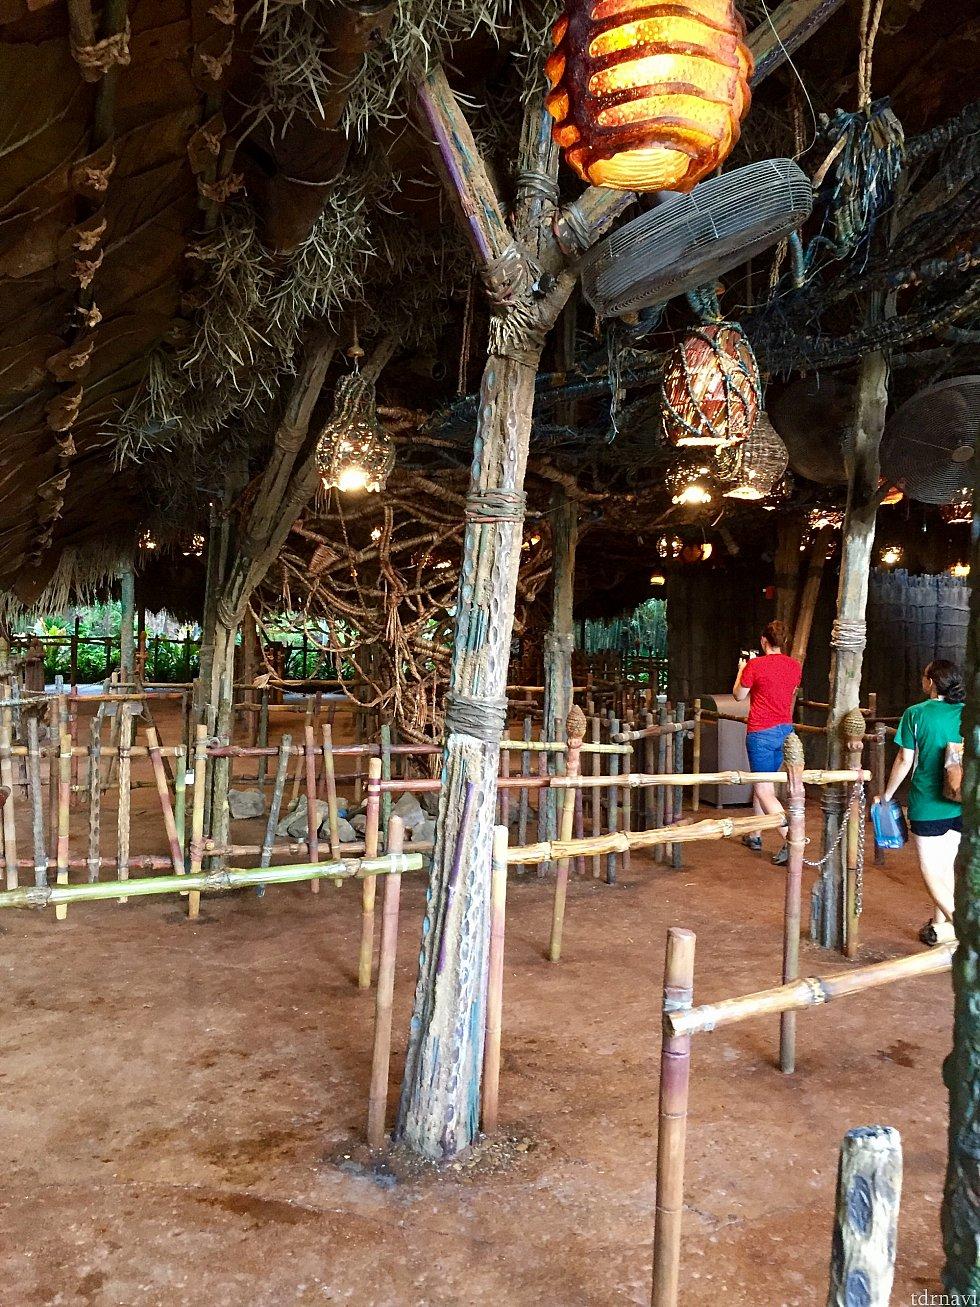 屋根のある部分は、原住民Na'vi 達の住居のような雰囲気です。